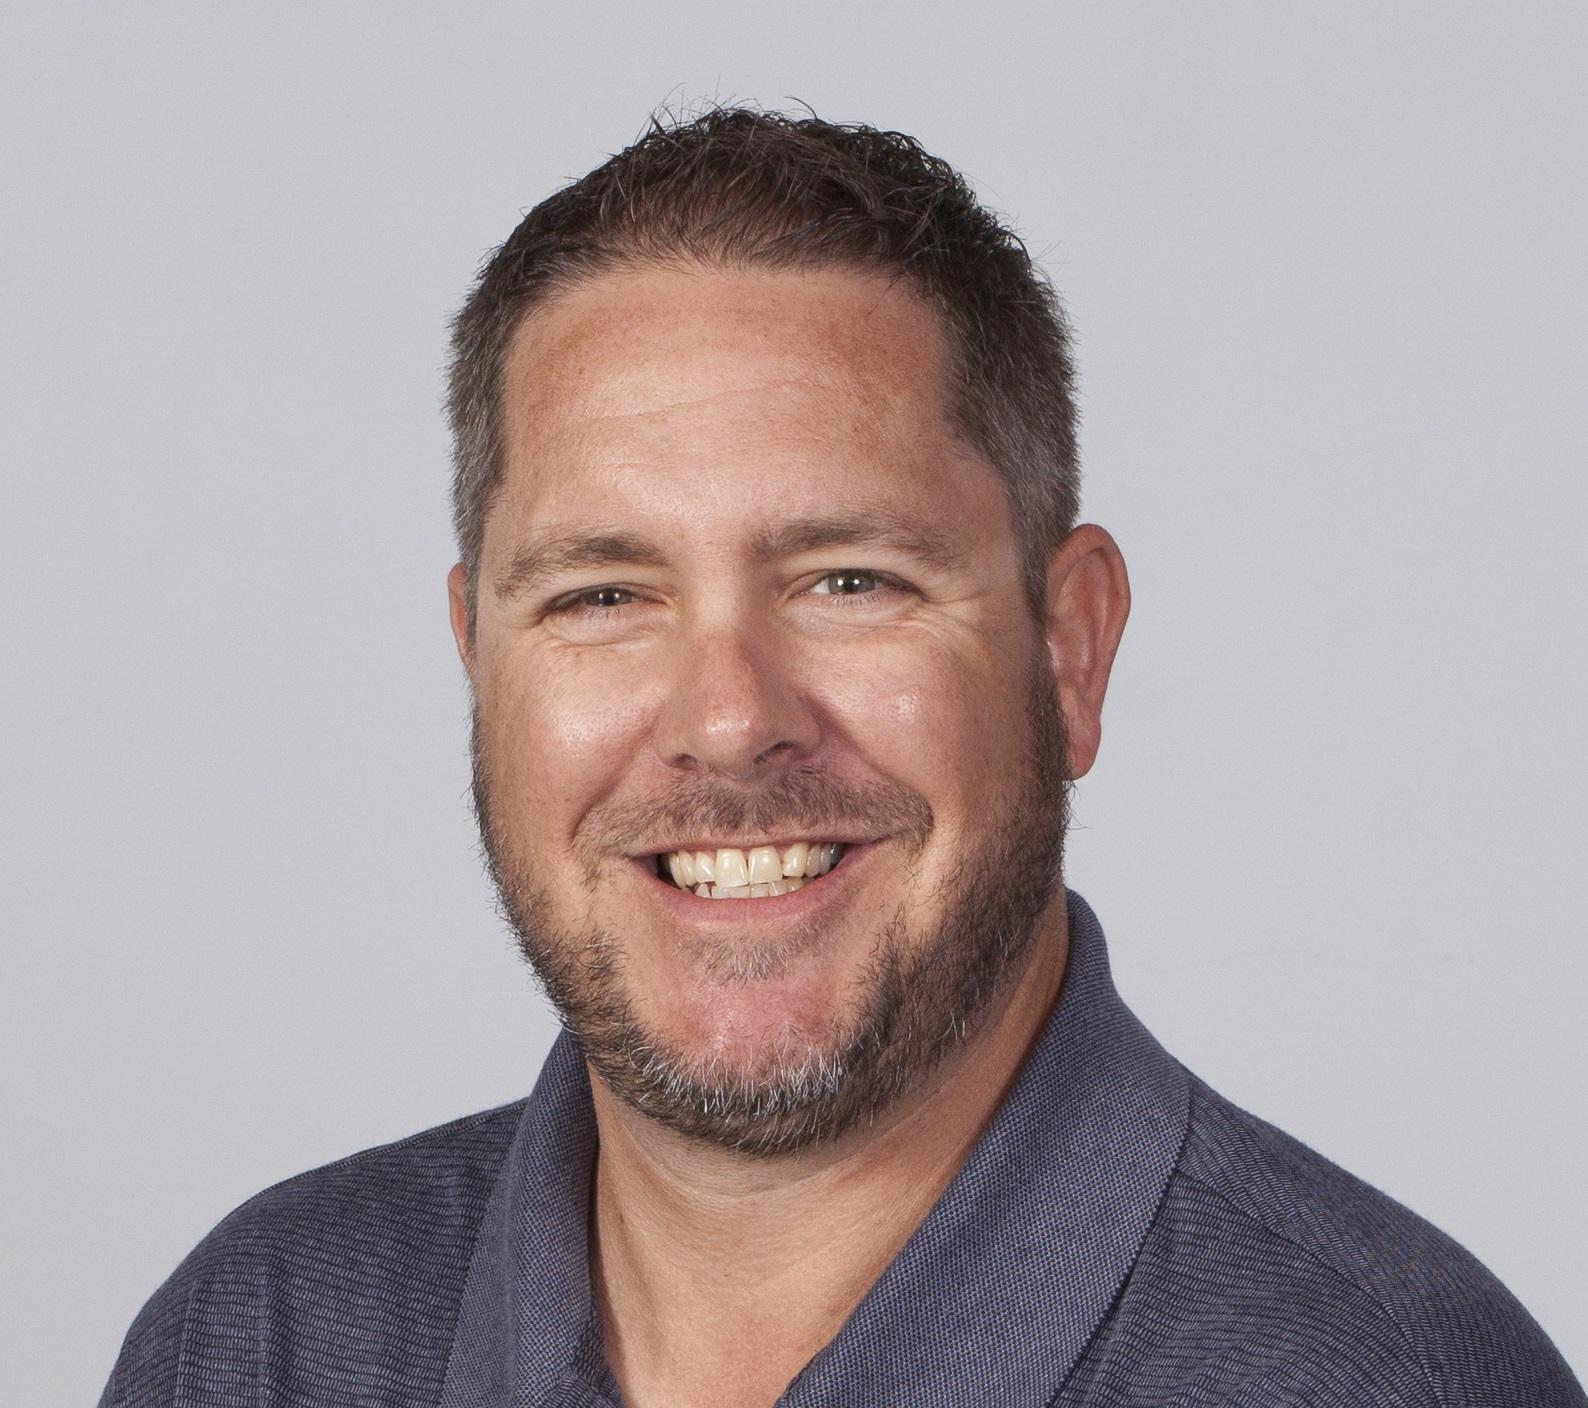 Geoff Yeagley